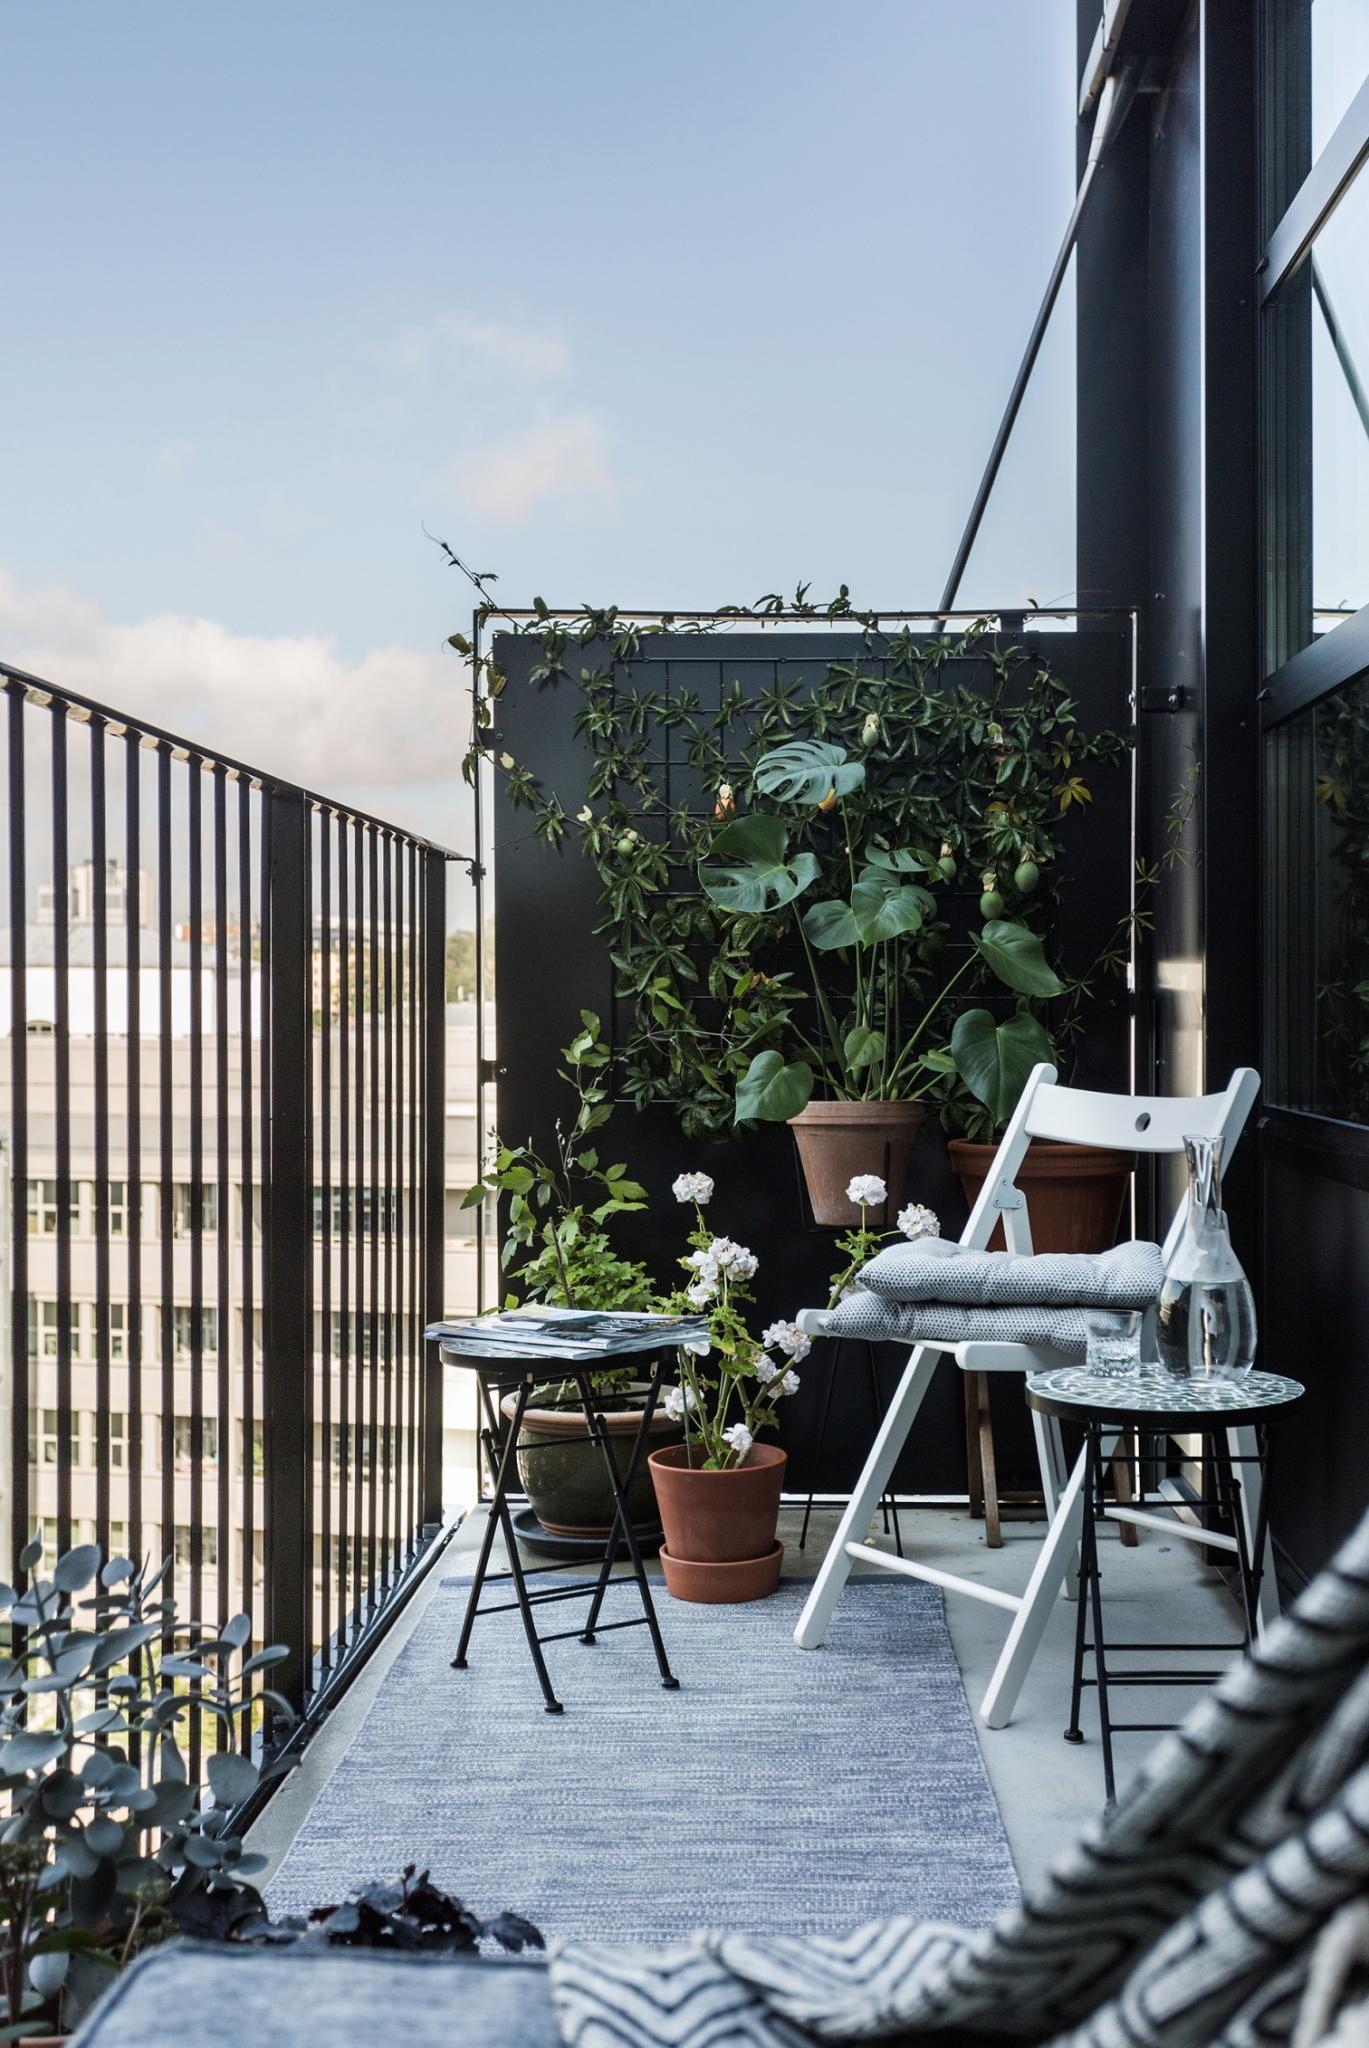 wandrek balkon